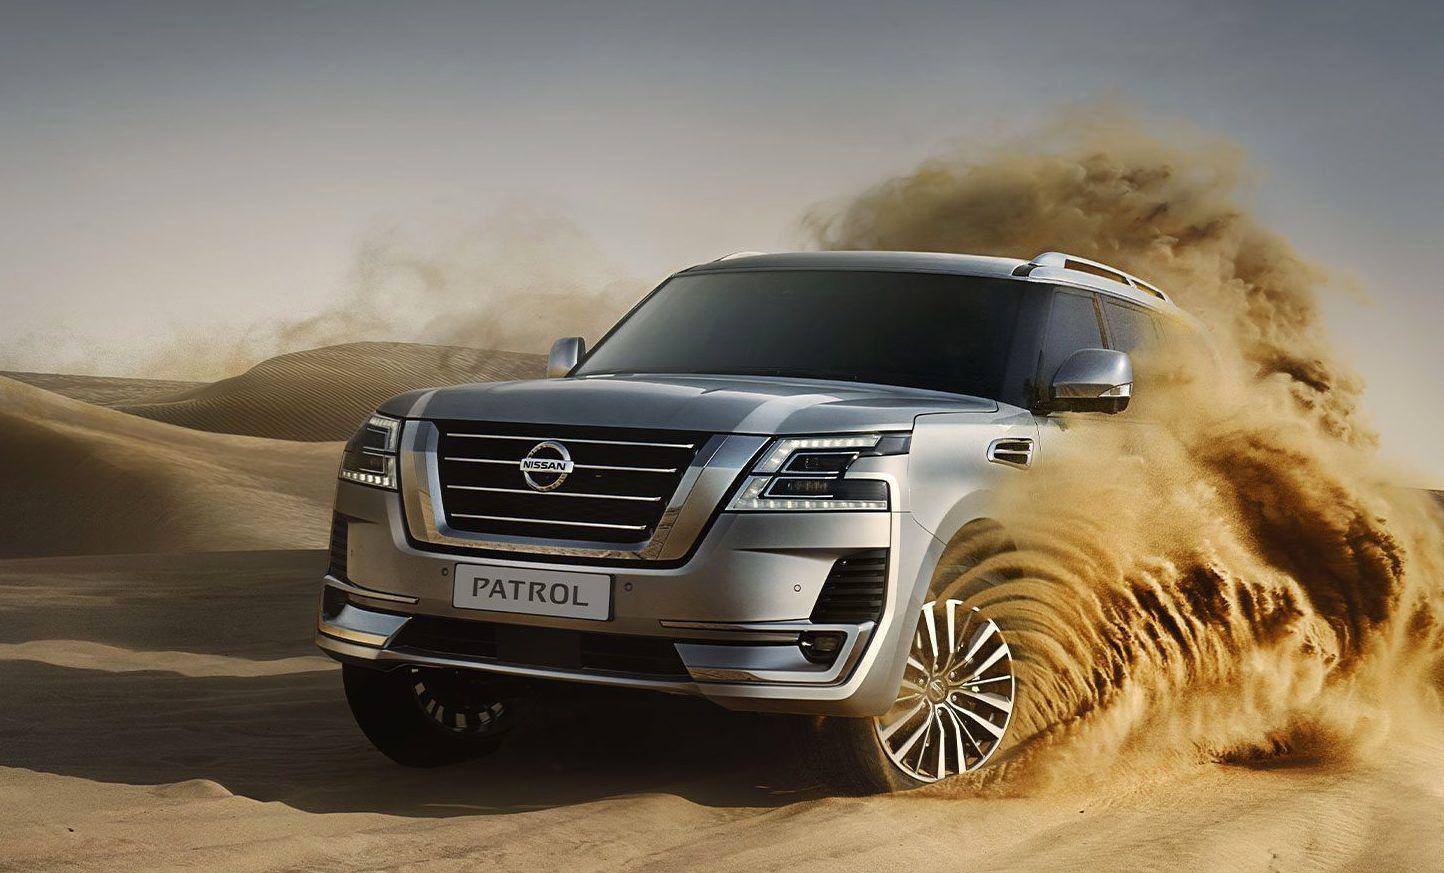 بررسی خودرو نیسان پاترول ۲۰۲۰ با تغییرات ظاهری گسترده + مشخصات